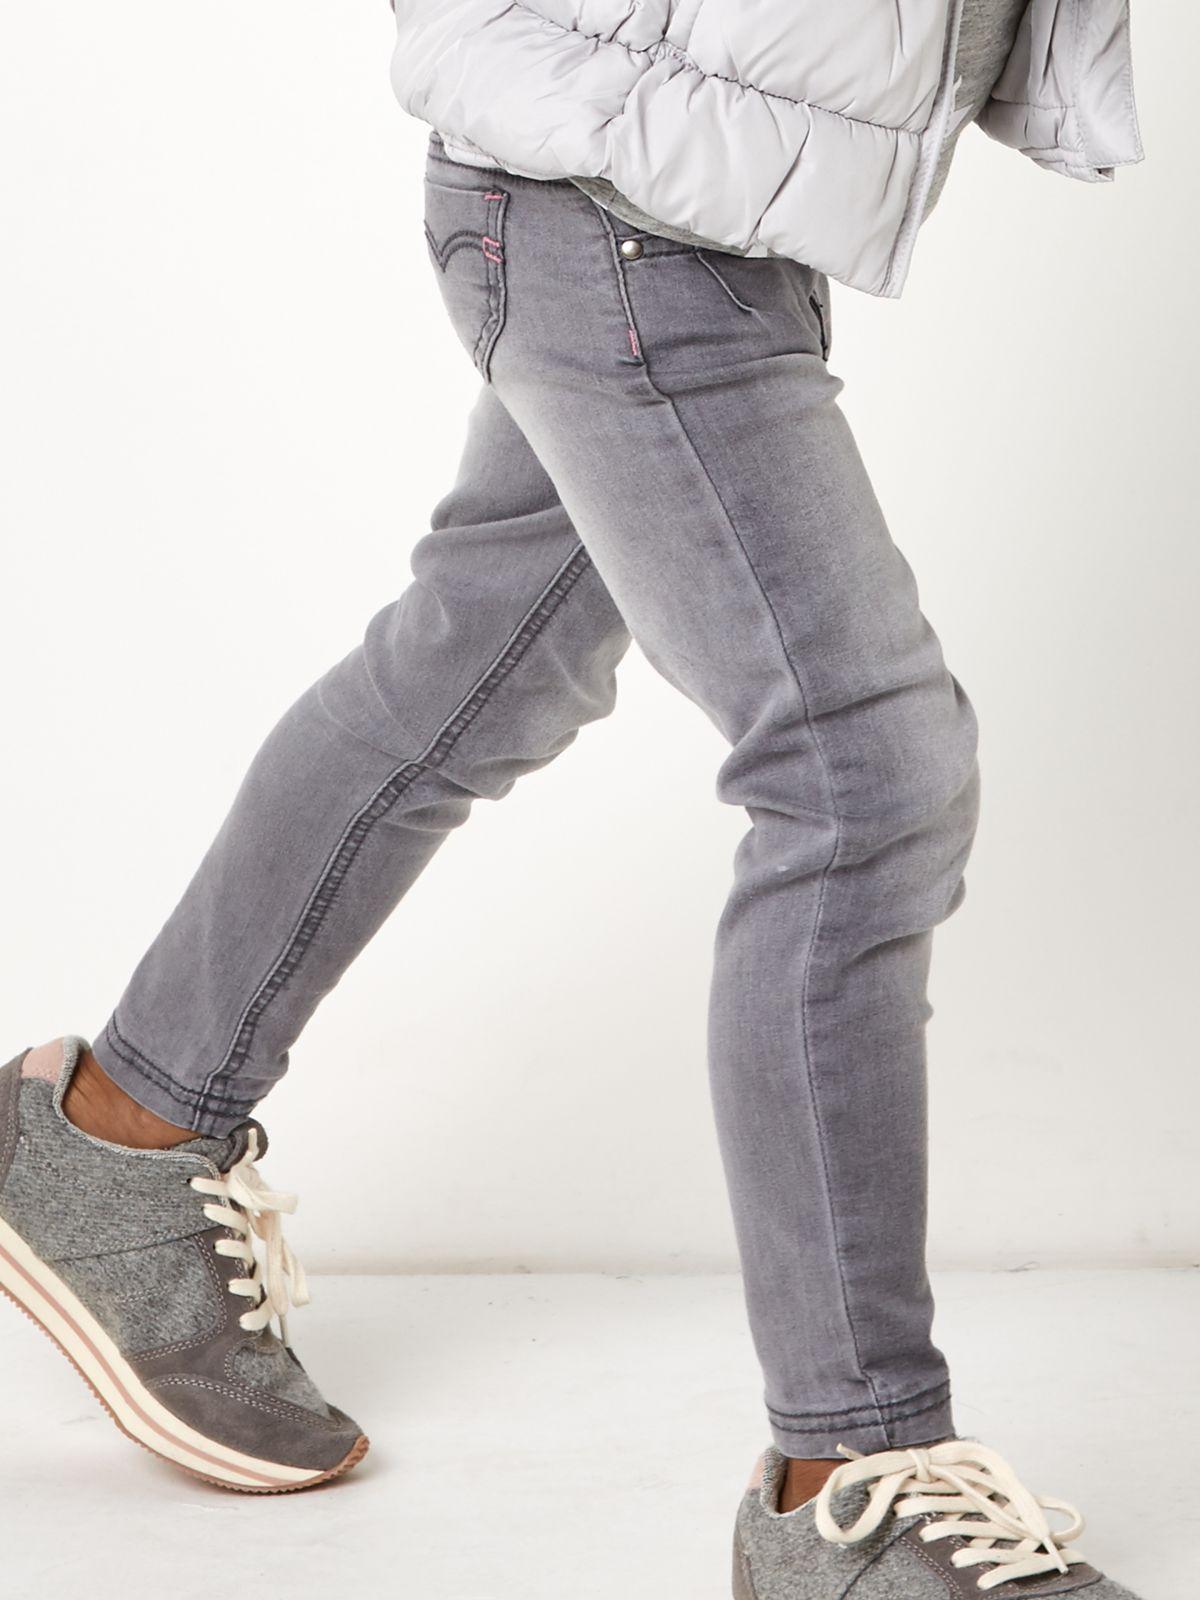 Dětské džíny, dětské slimky, dětské kalhoty, úzké džíny, dívčí džíny SUGAR SQUAD